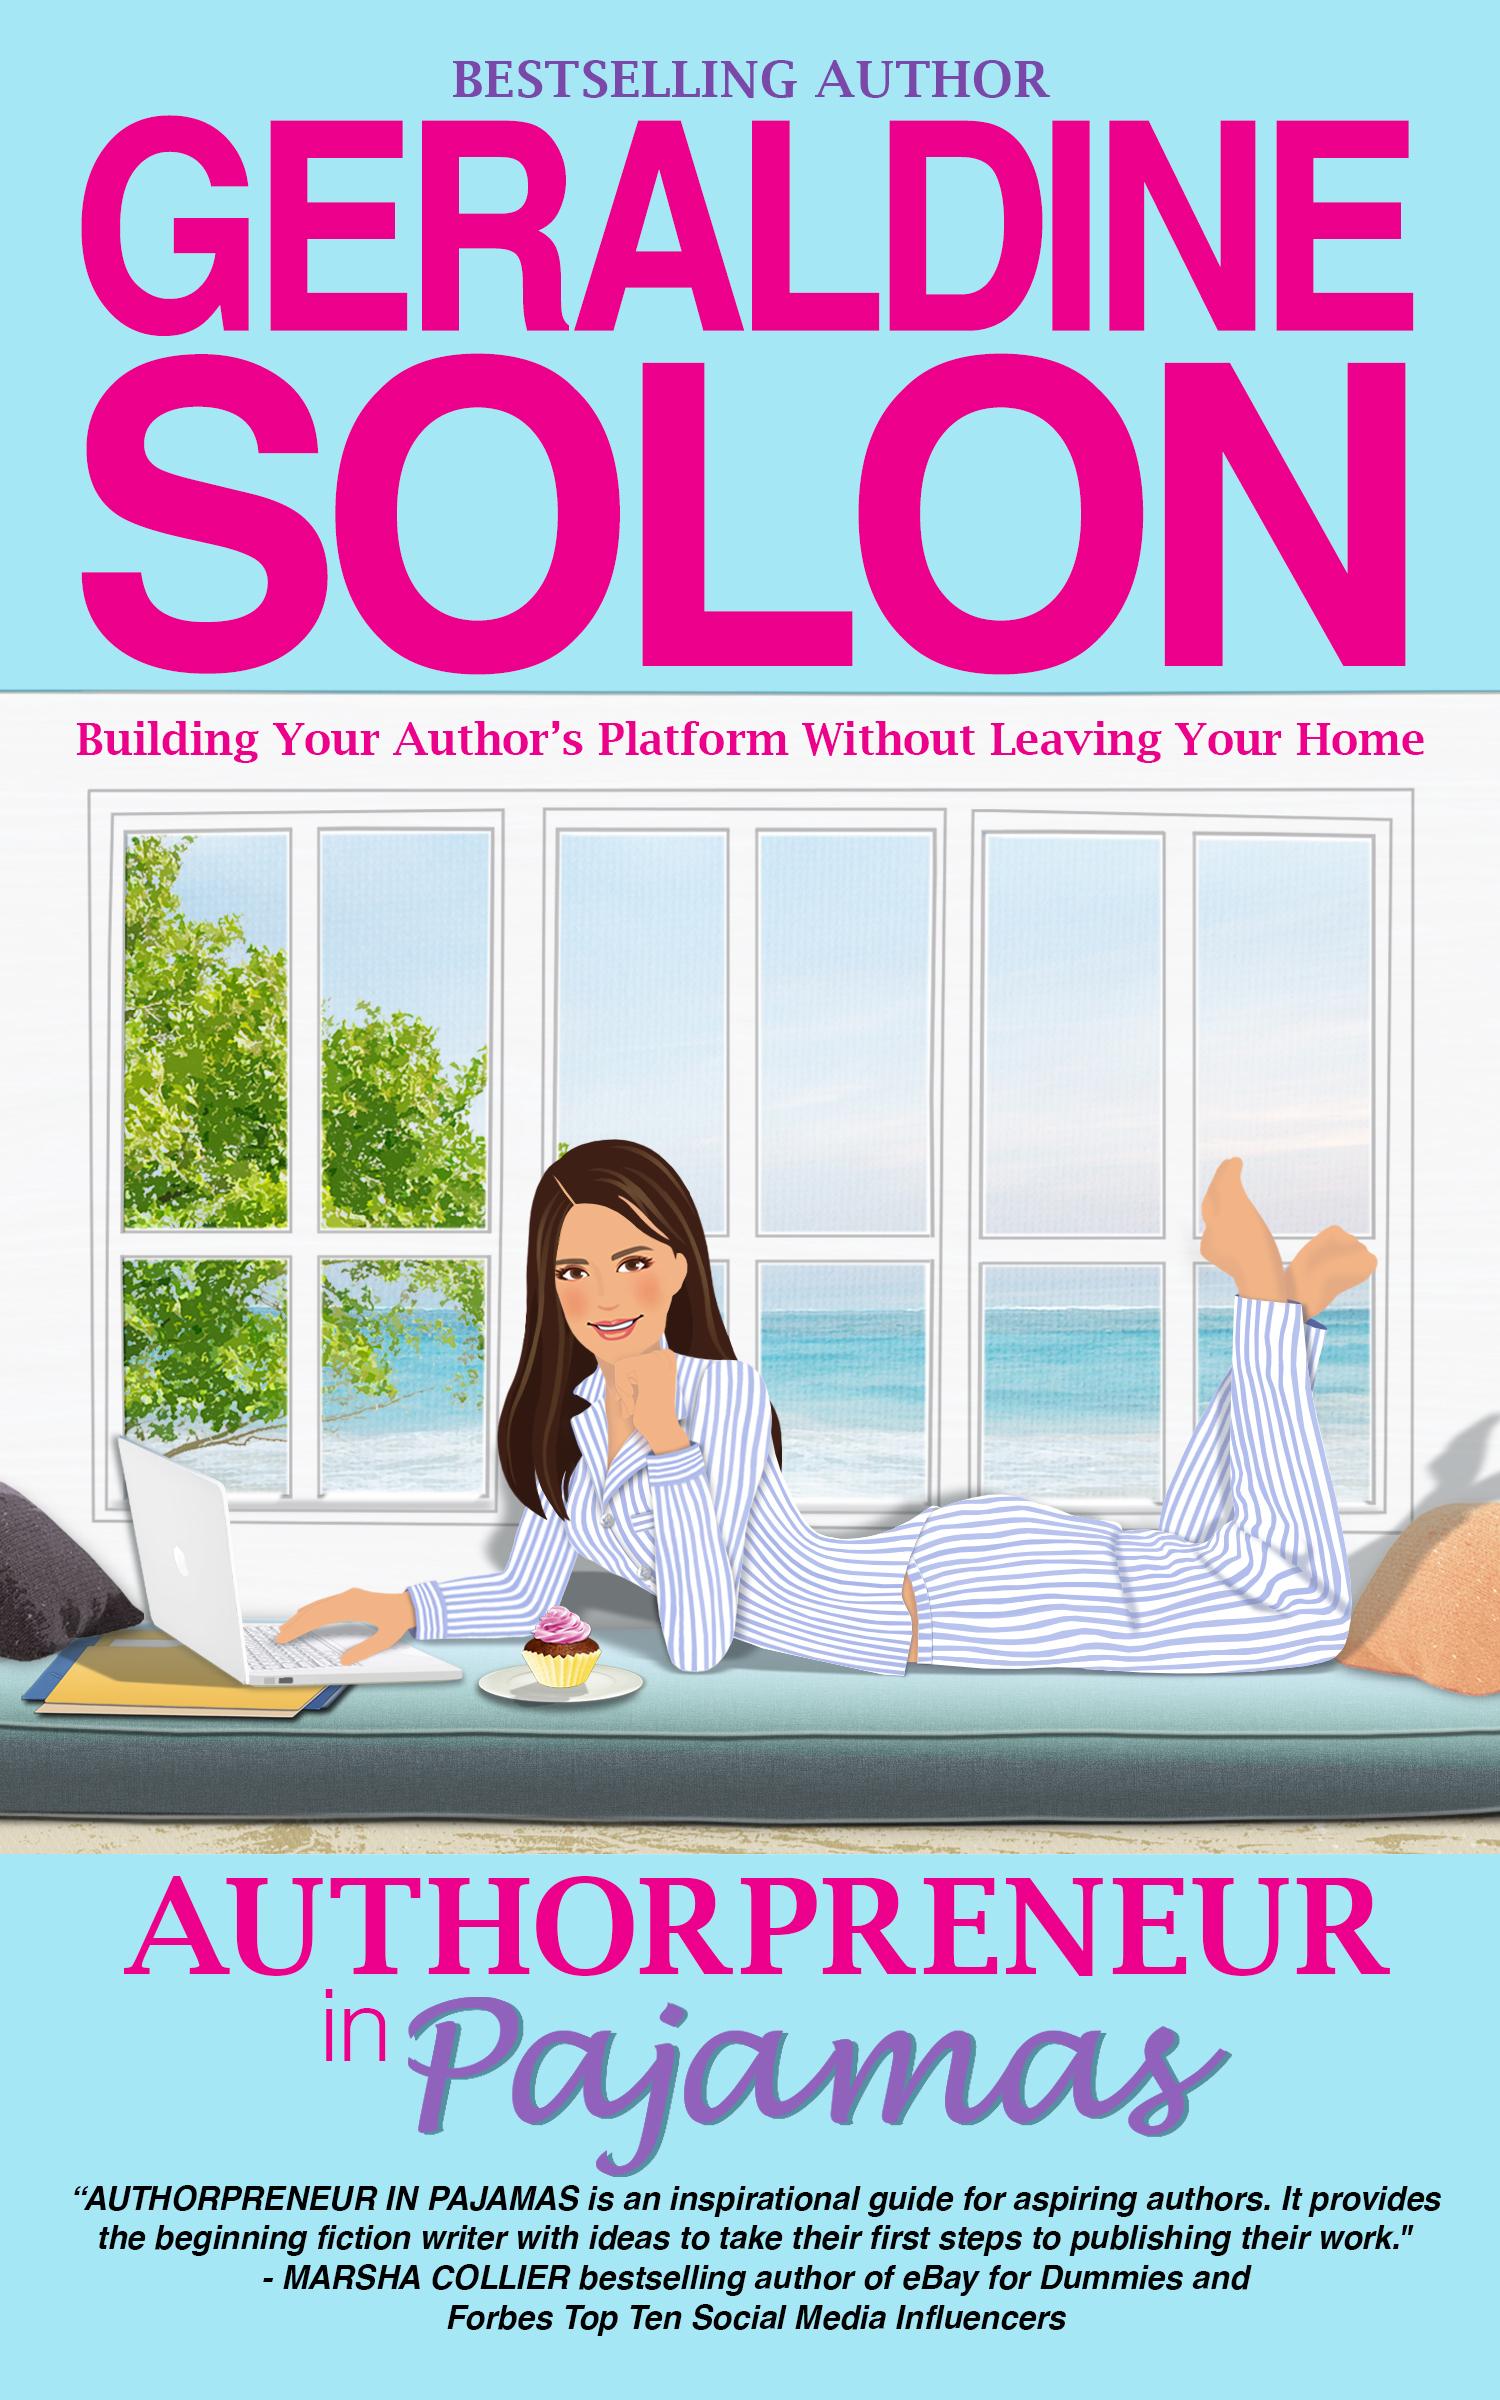 Authorpreneur in pajamas